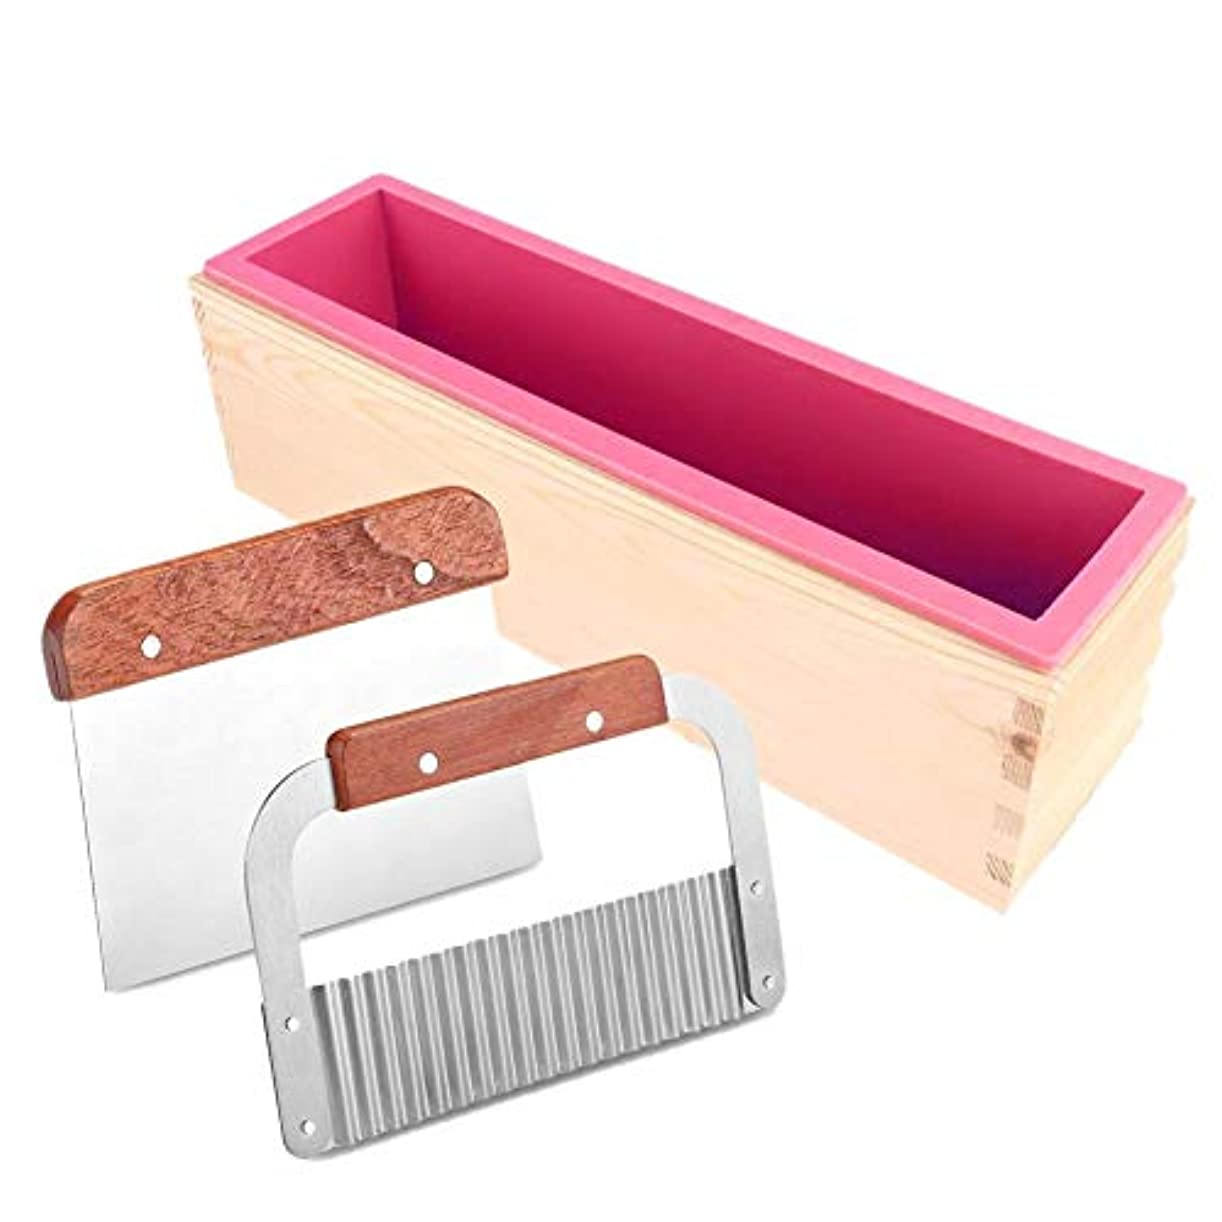 指標膨張するにじみ出るRagemのシリコーンの石鹸型 - 自家製の石鹸の作成のための2Pcsカッターの皮むき器が付いている長方形の木箱の石鹸の作成型